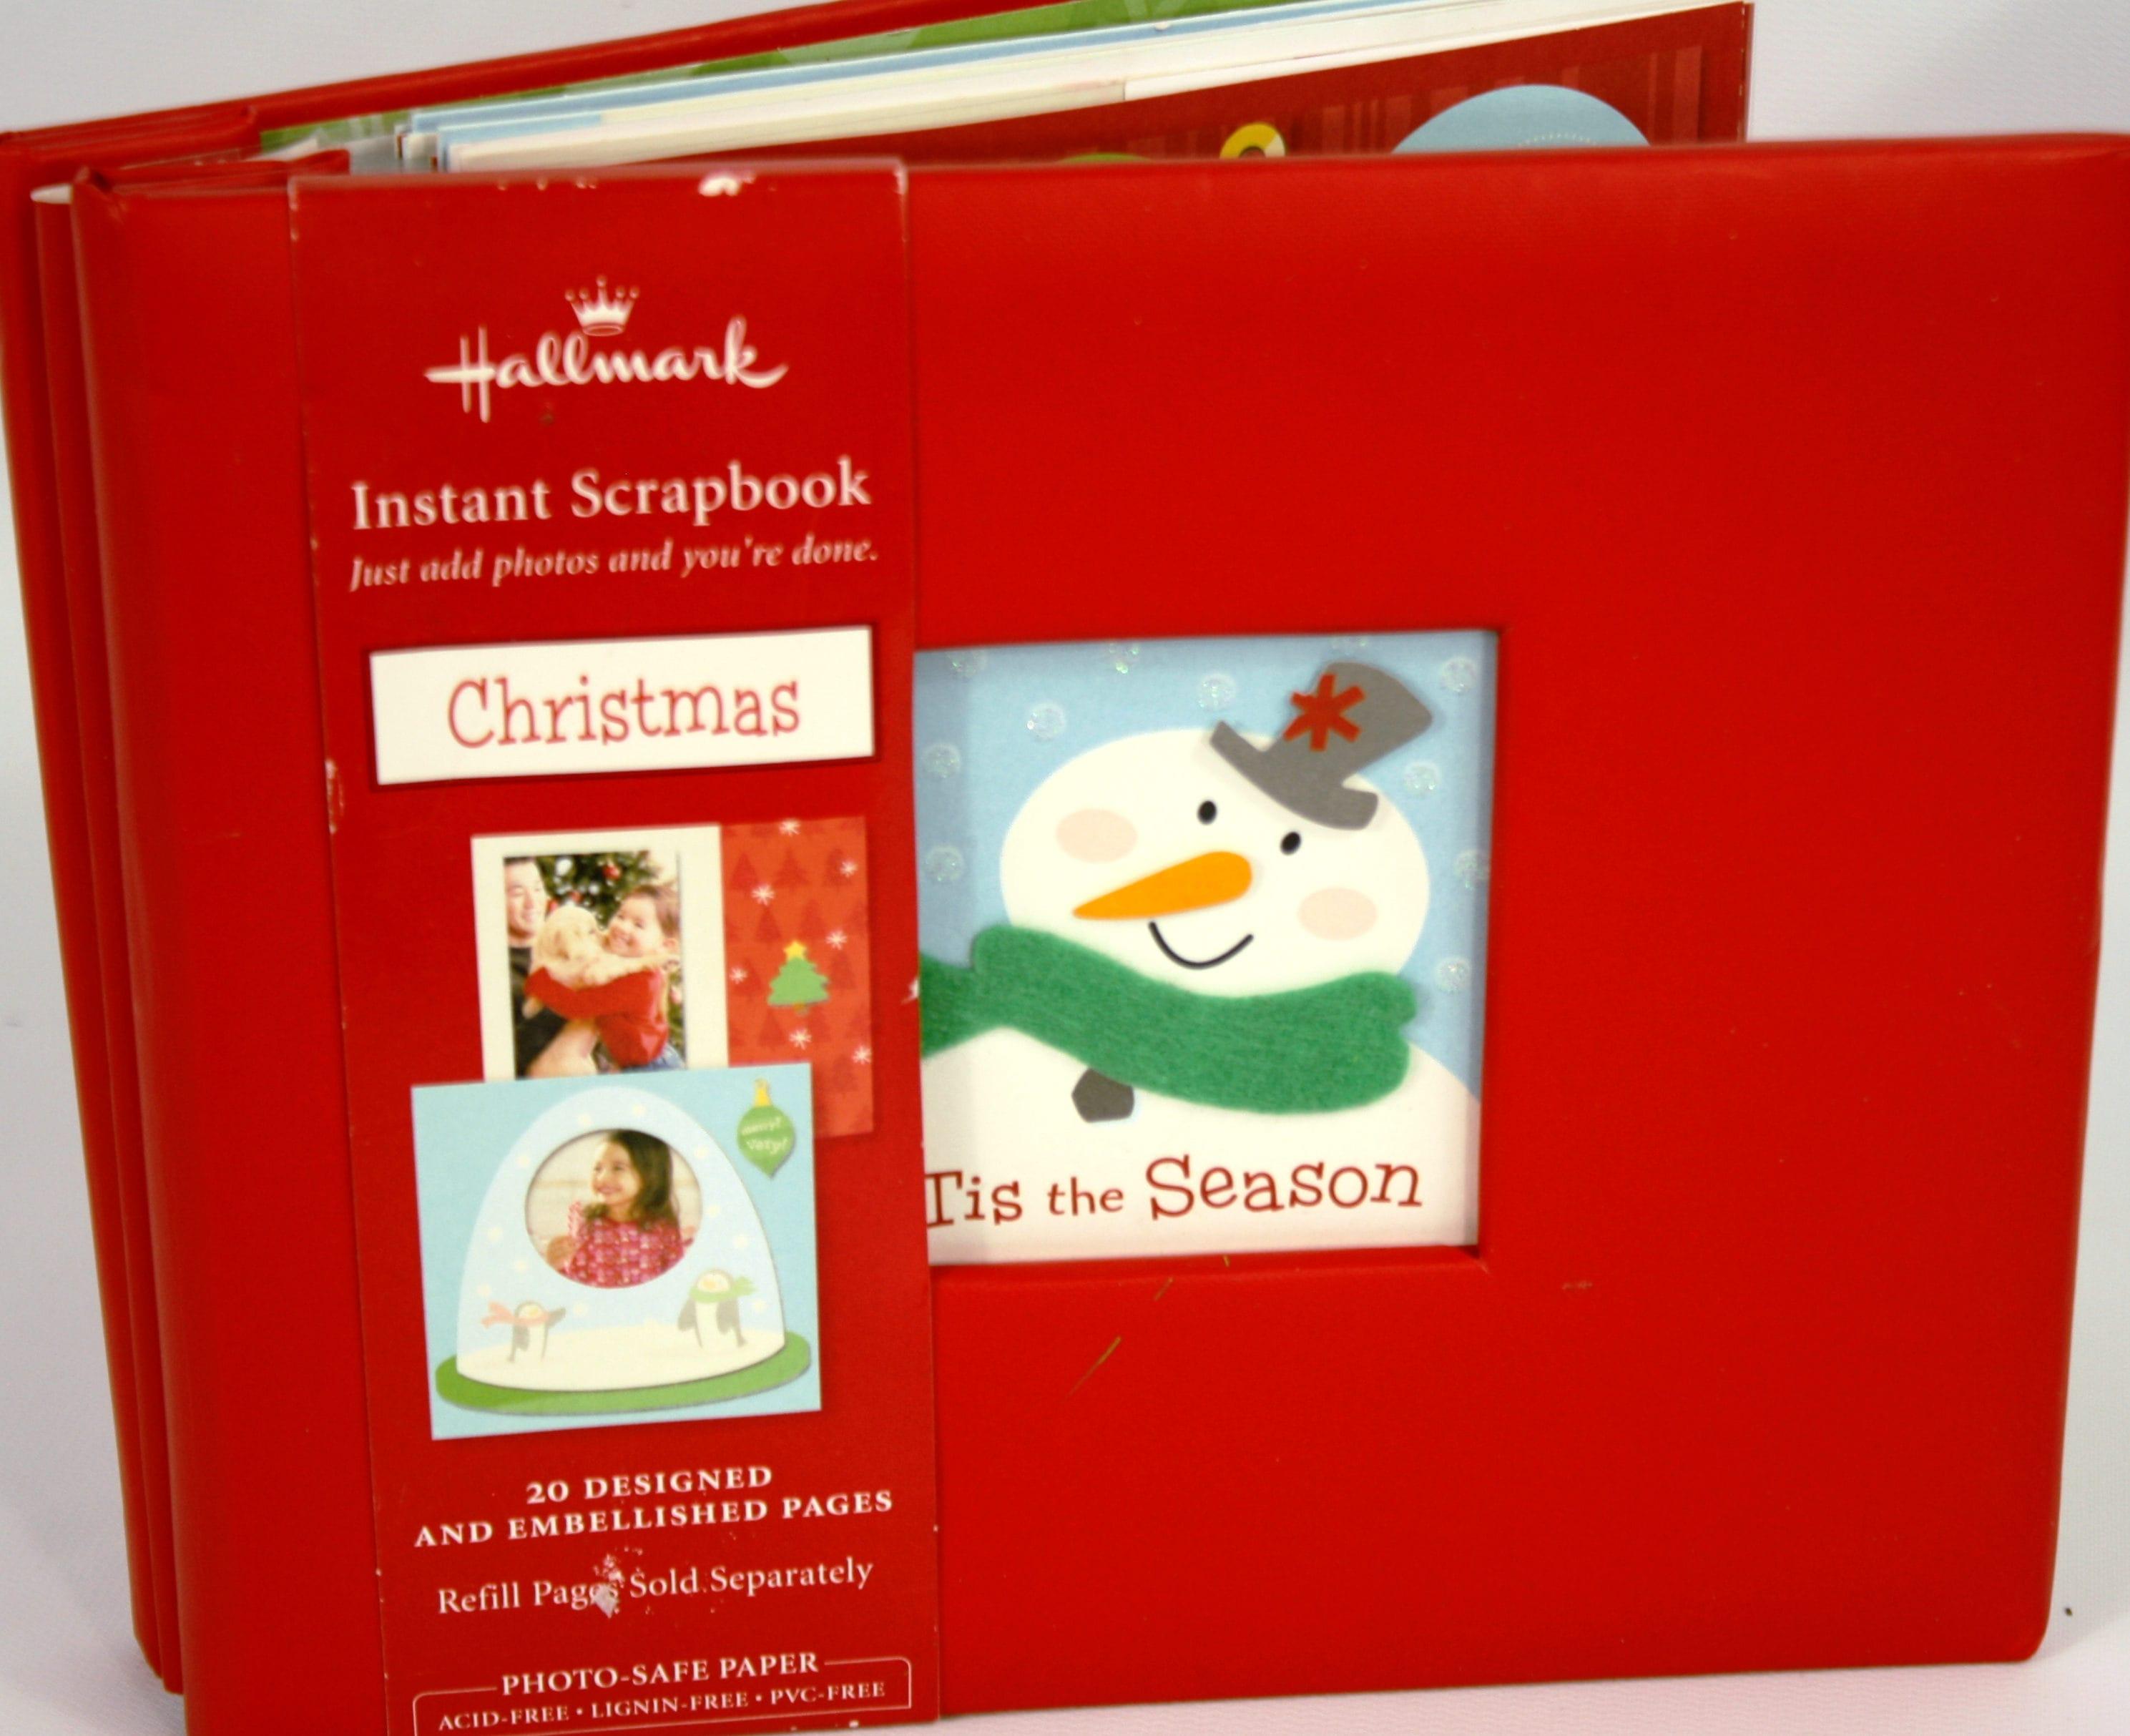 Hallmark Instant Christmas Scrapbook 20 Designed Embellished Etsy